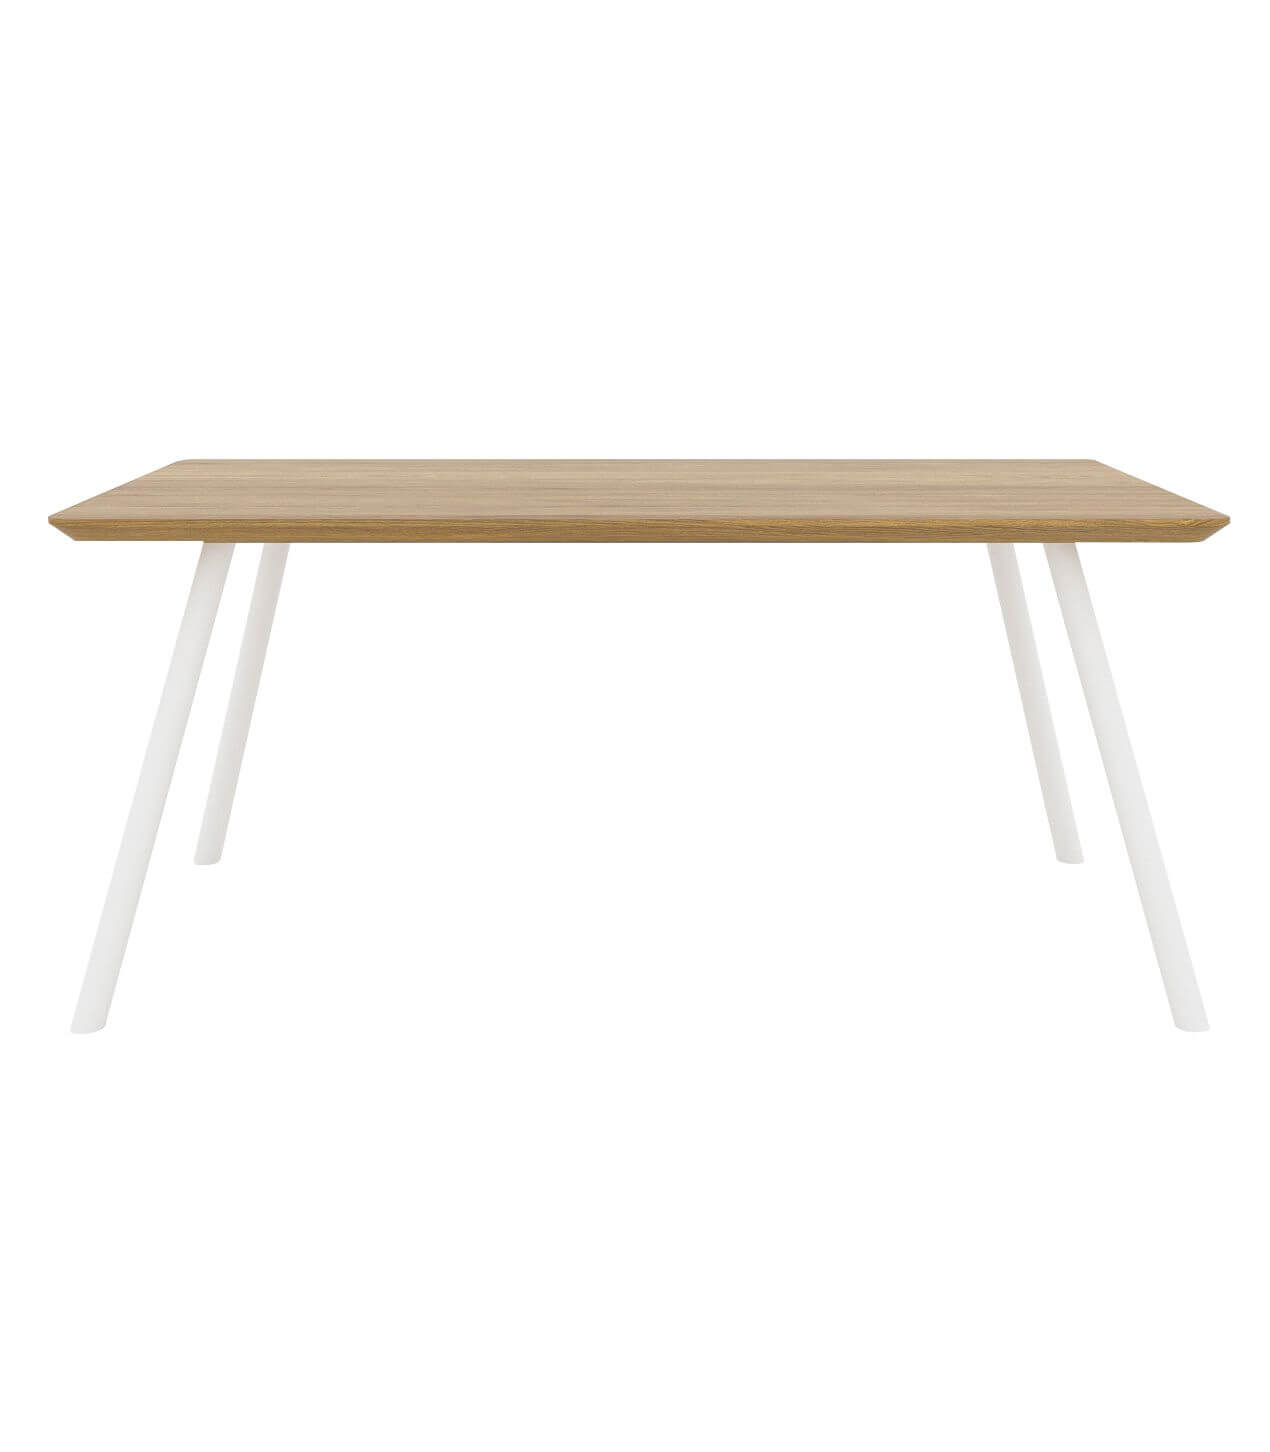 nowoczesny stół jadalniany dębowy blat do salonu